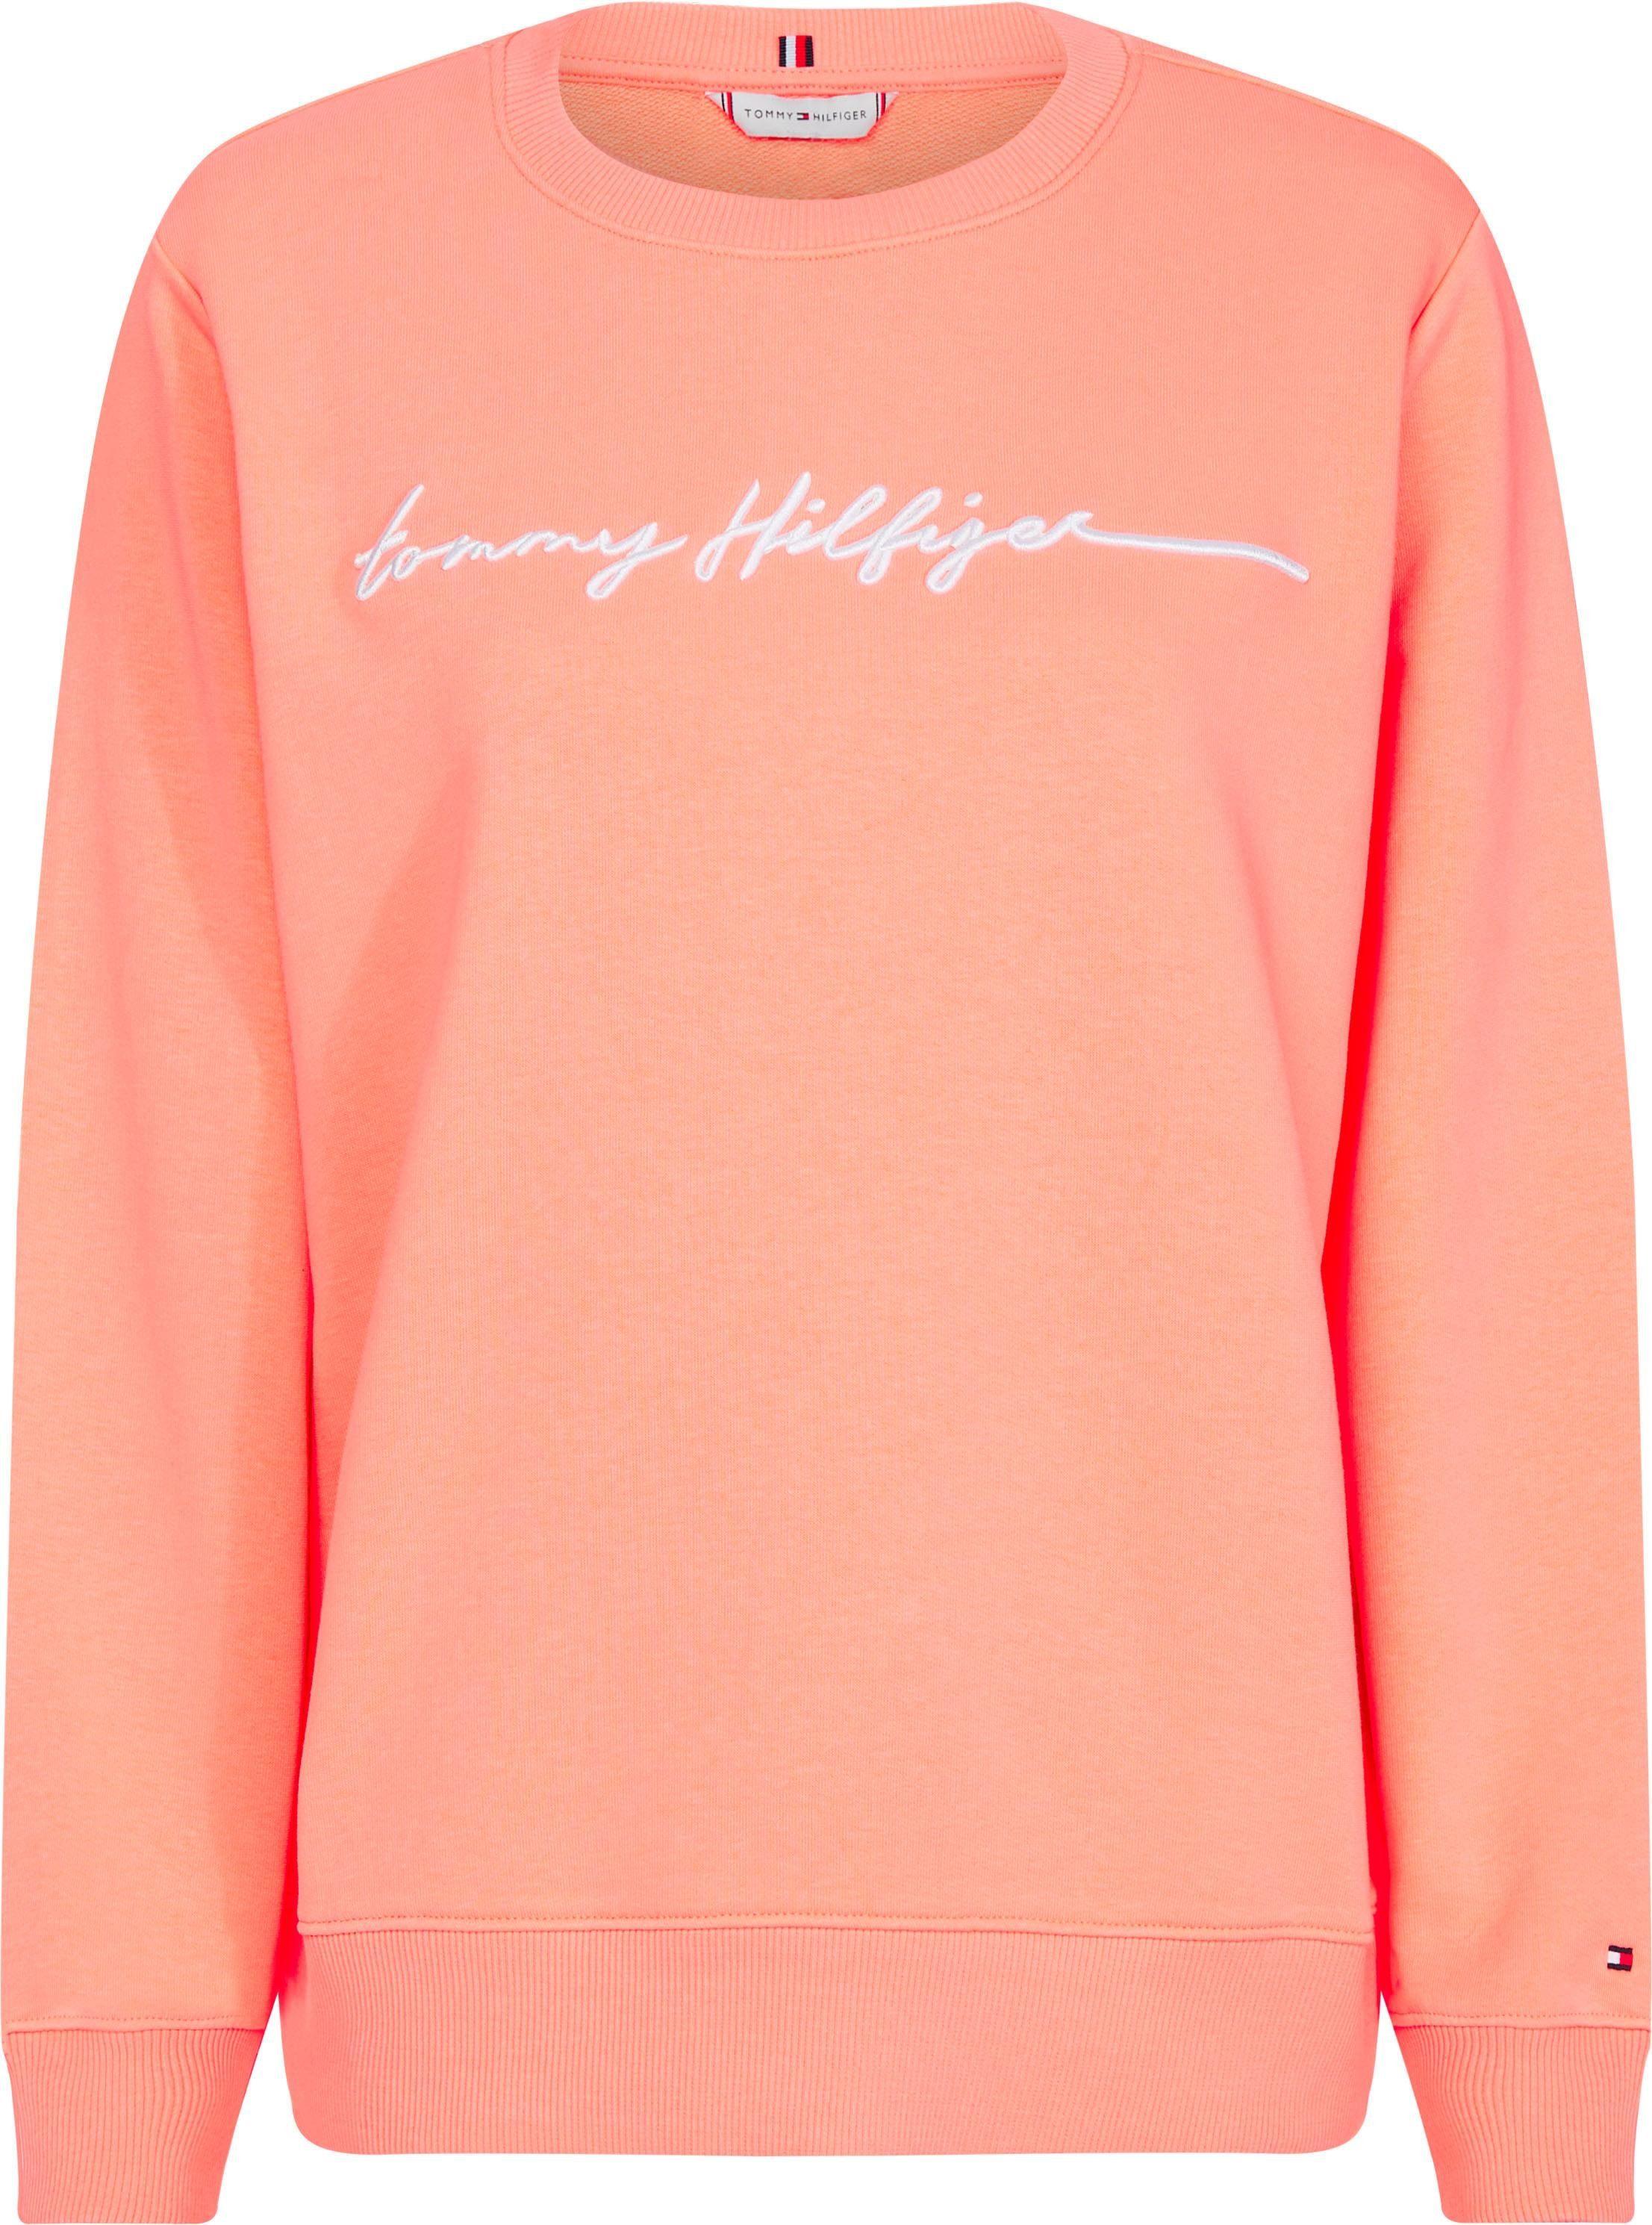 TOMMY HILFIGER Sweatshirt »ANNIE RELAXED C NK SWEATSHIRT LS« Mit Logostickerei online kaufen | OTTO